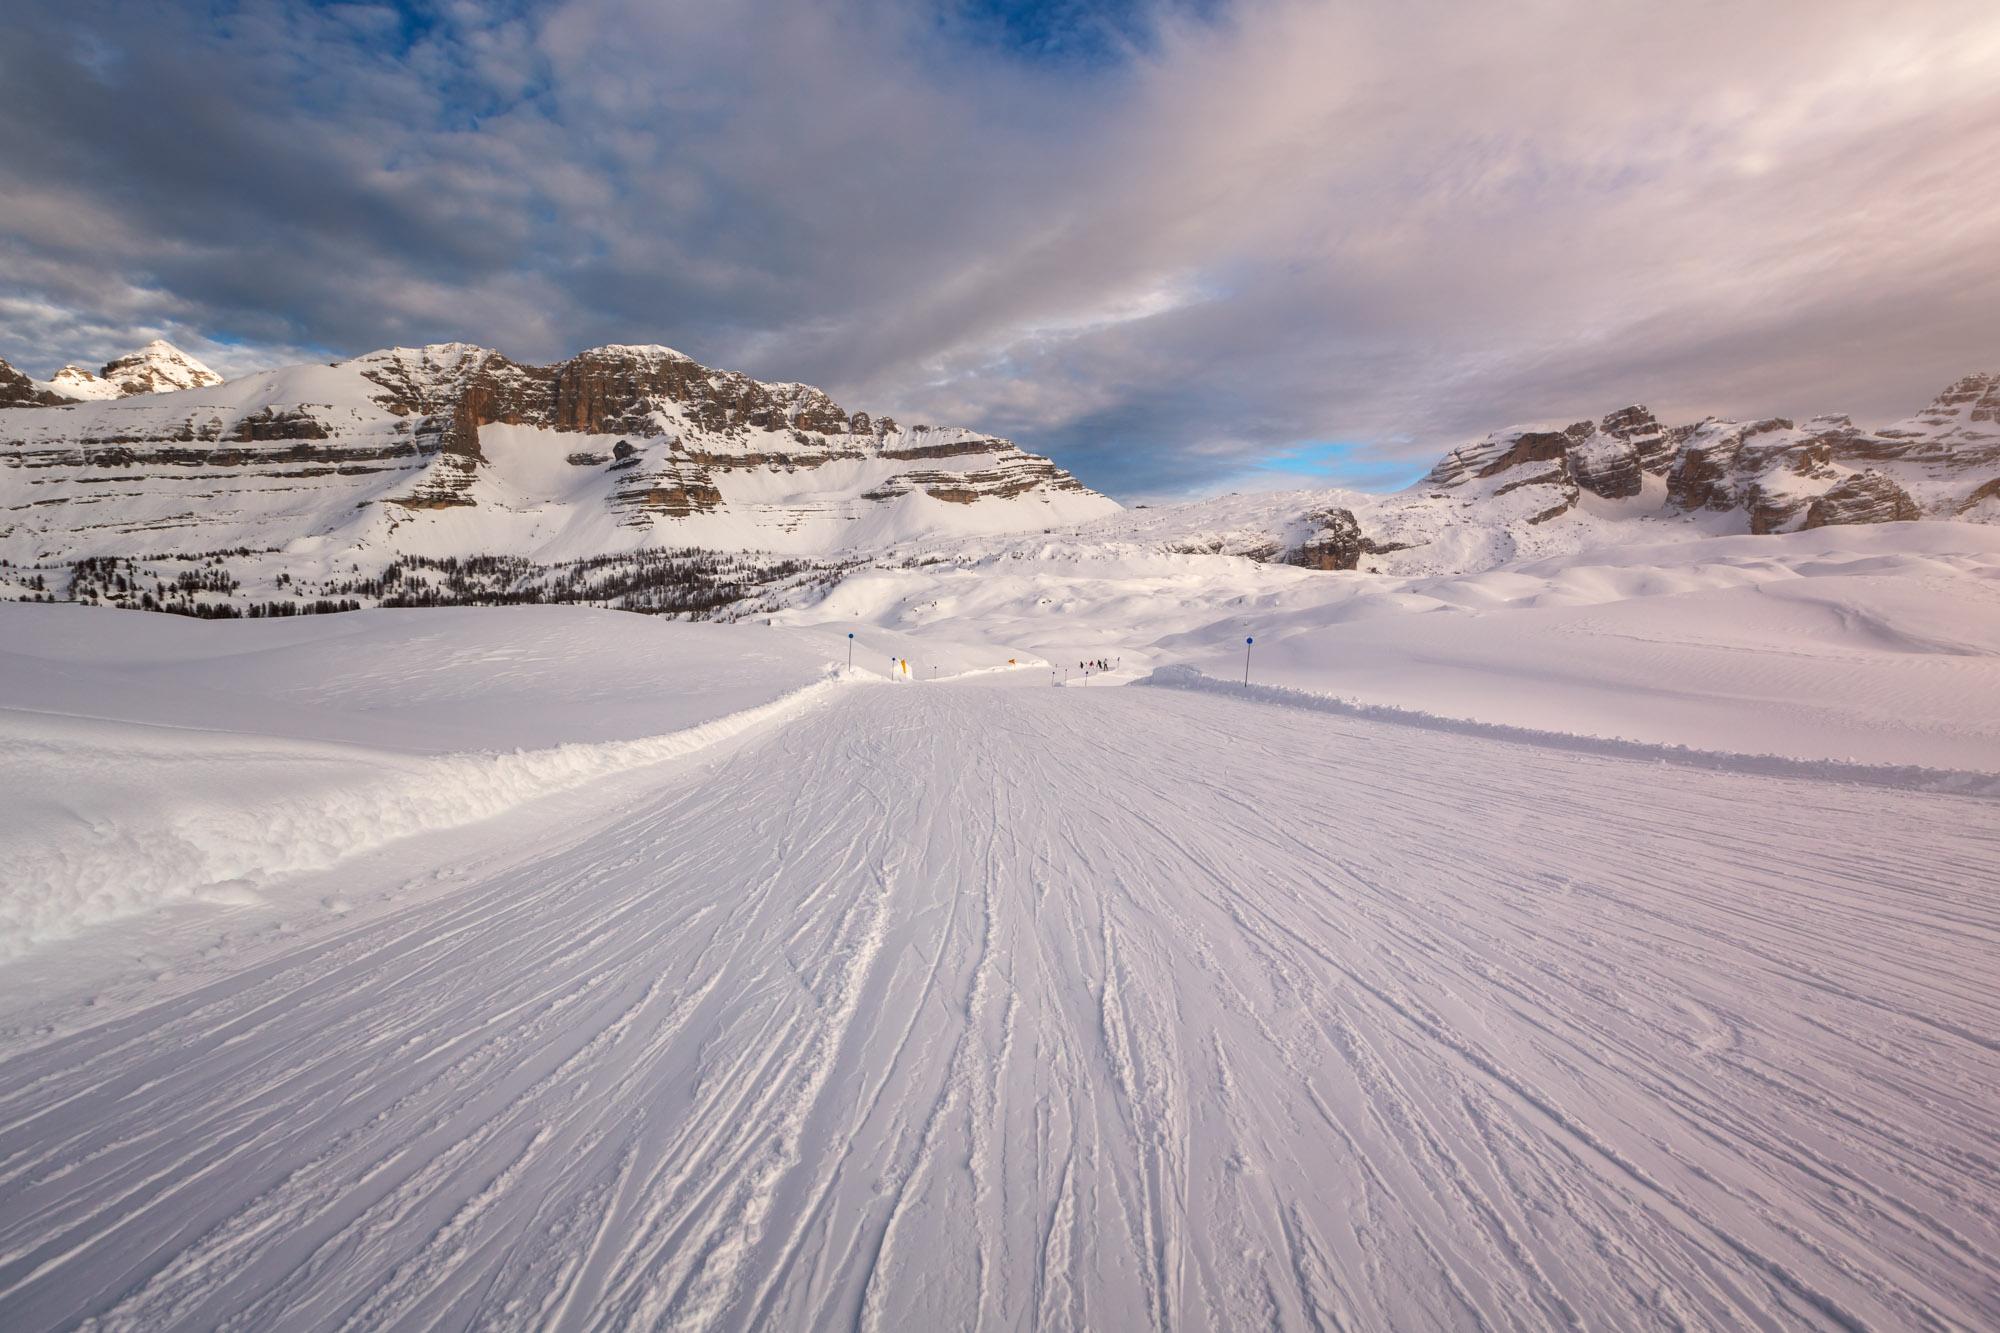 Ski Slope, Madonna di Campiglio, Italy